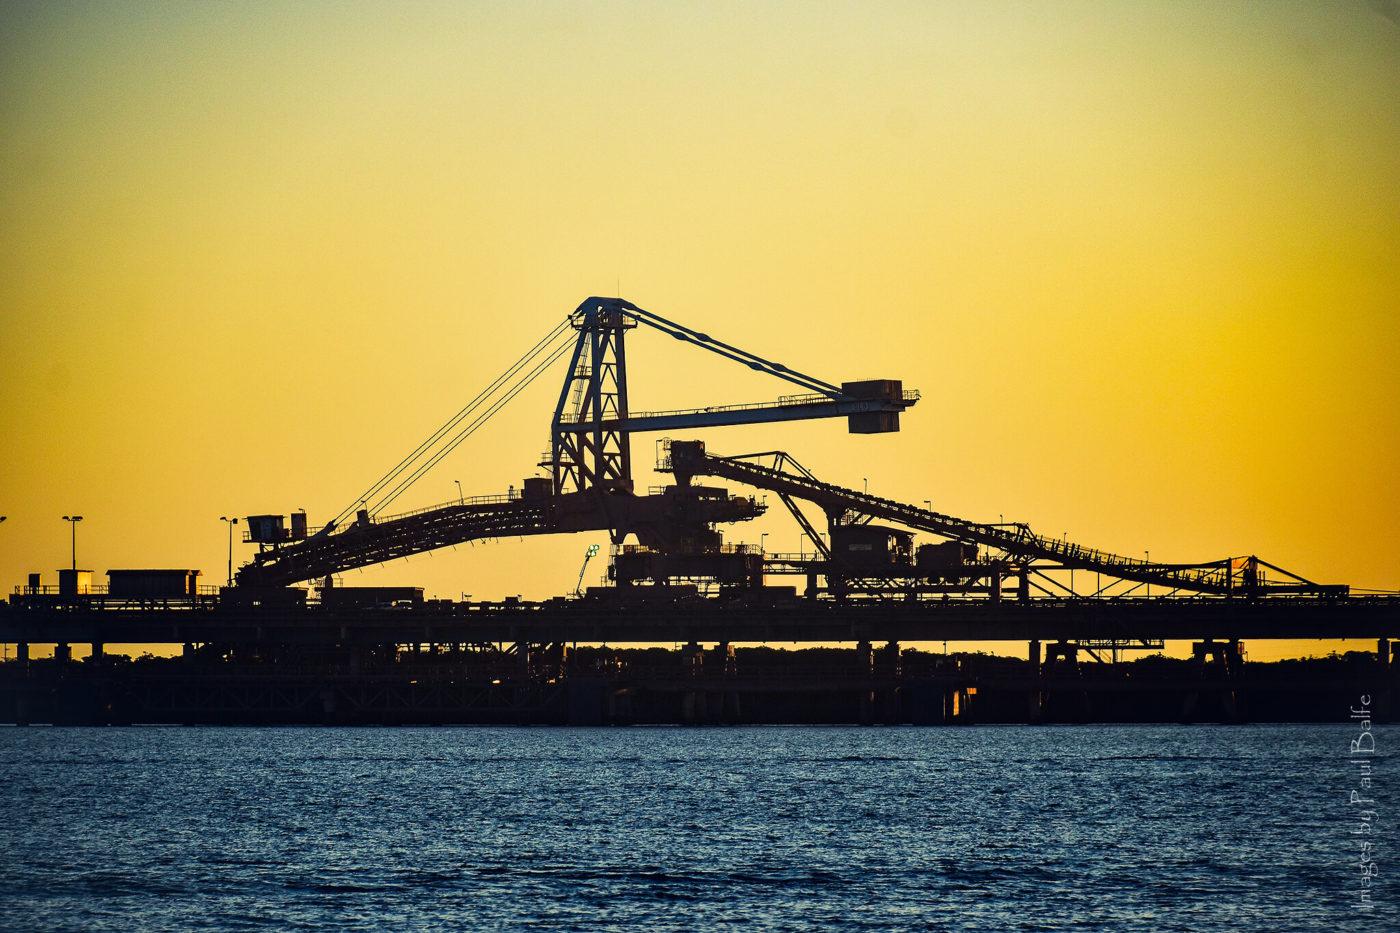 中澳贸易战尚未达到临界点,澳大利亚经济影响有限科技新闻